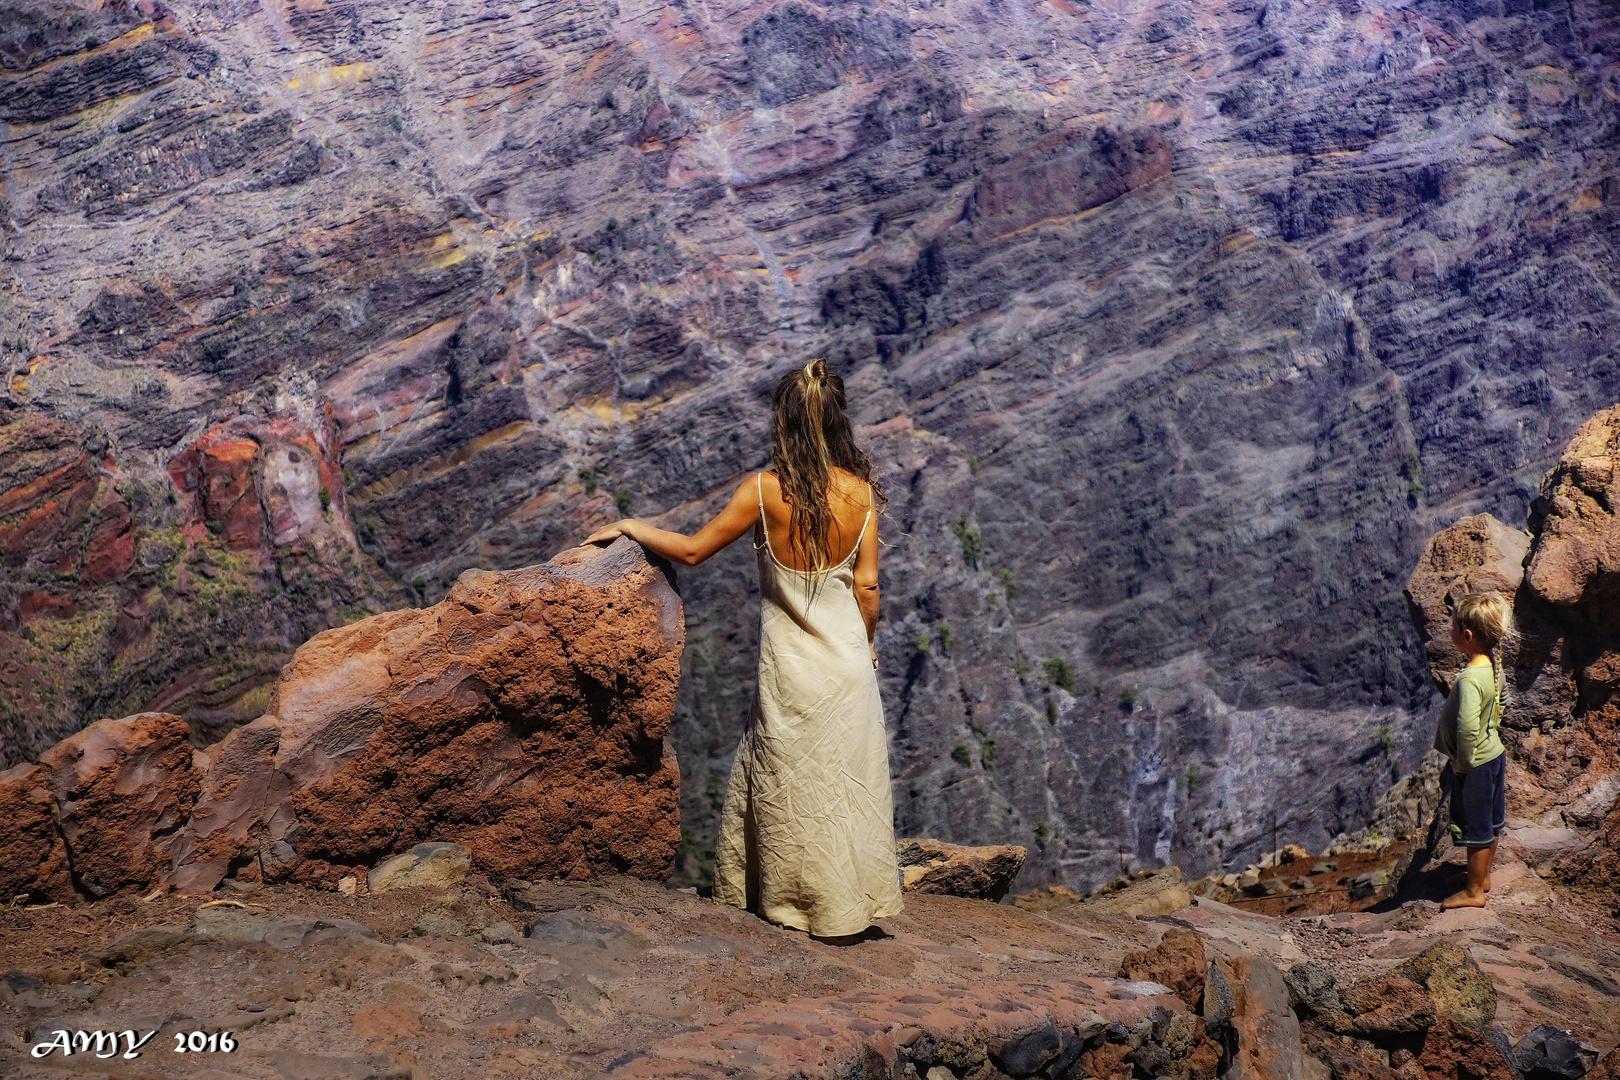 REFLEXIÓN EXISTENCIAL EN LA ISLA DE LA PALMA. Dedicada a LAS PERSONAS IMPORTANTES DE MI VIDA.